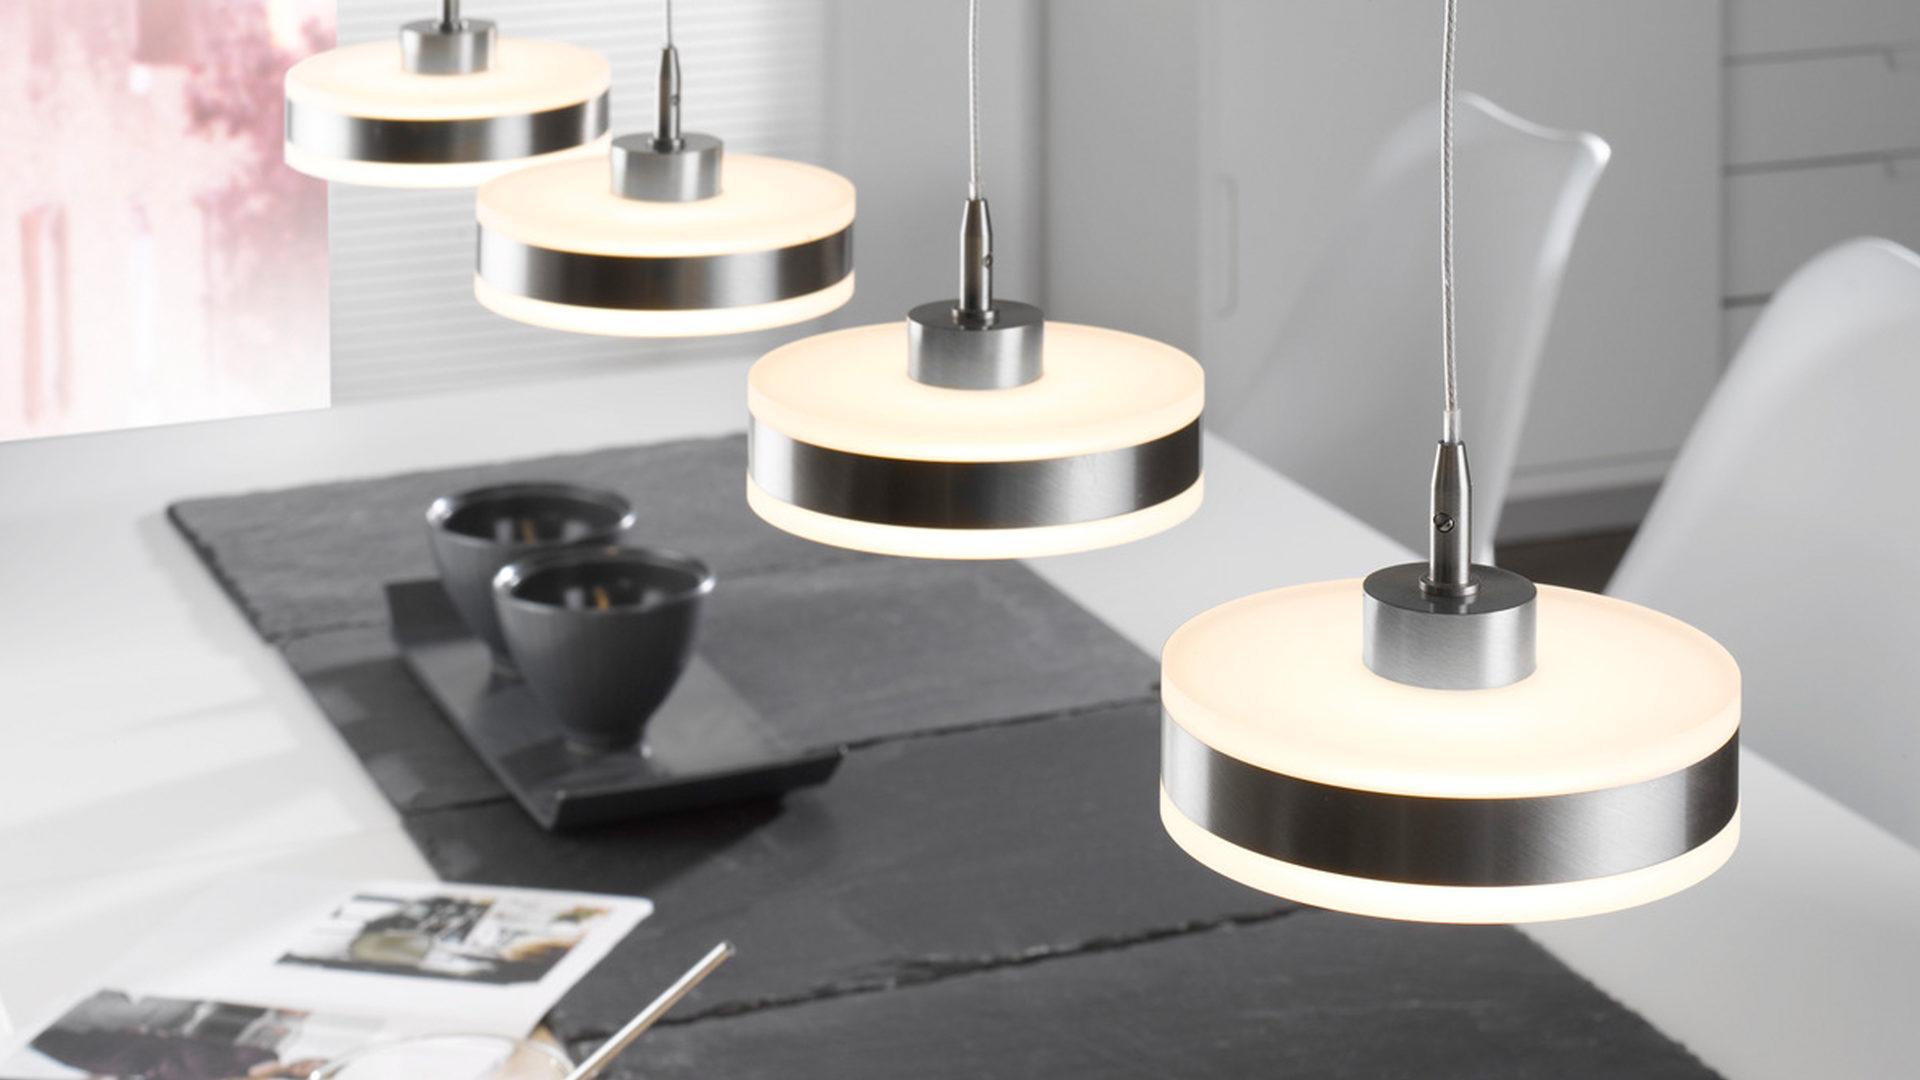 Moderne Esszimmertisch Lampe Von Esszimmer Lampen Pendelleuchten.